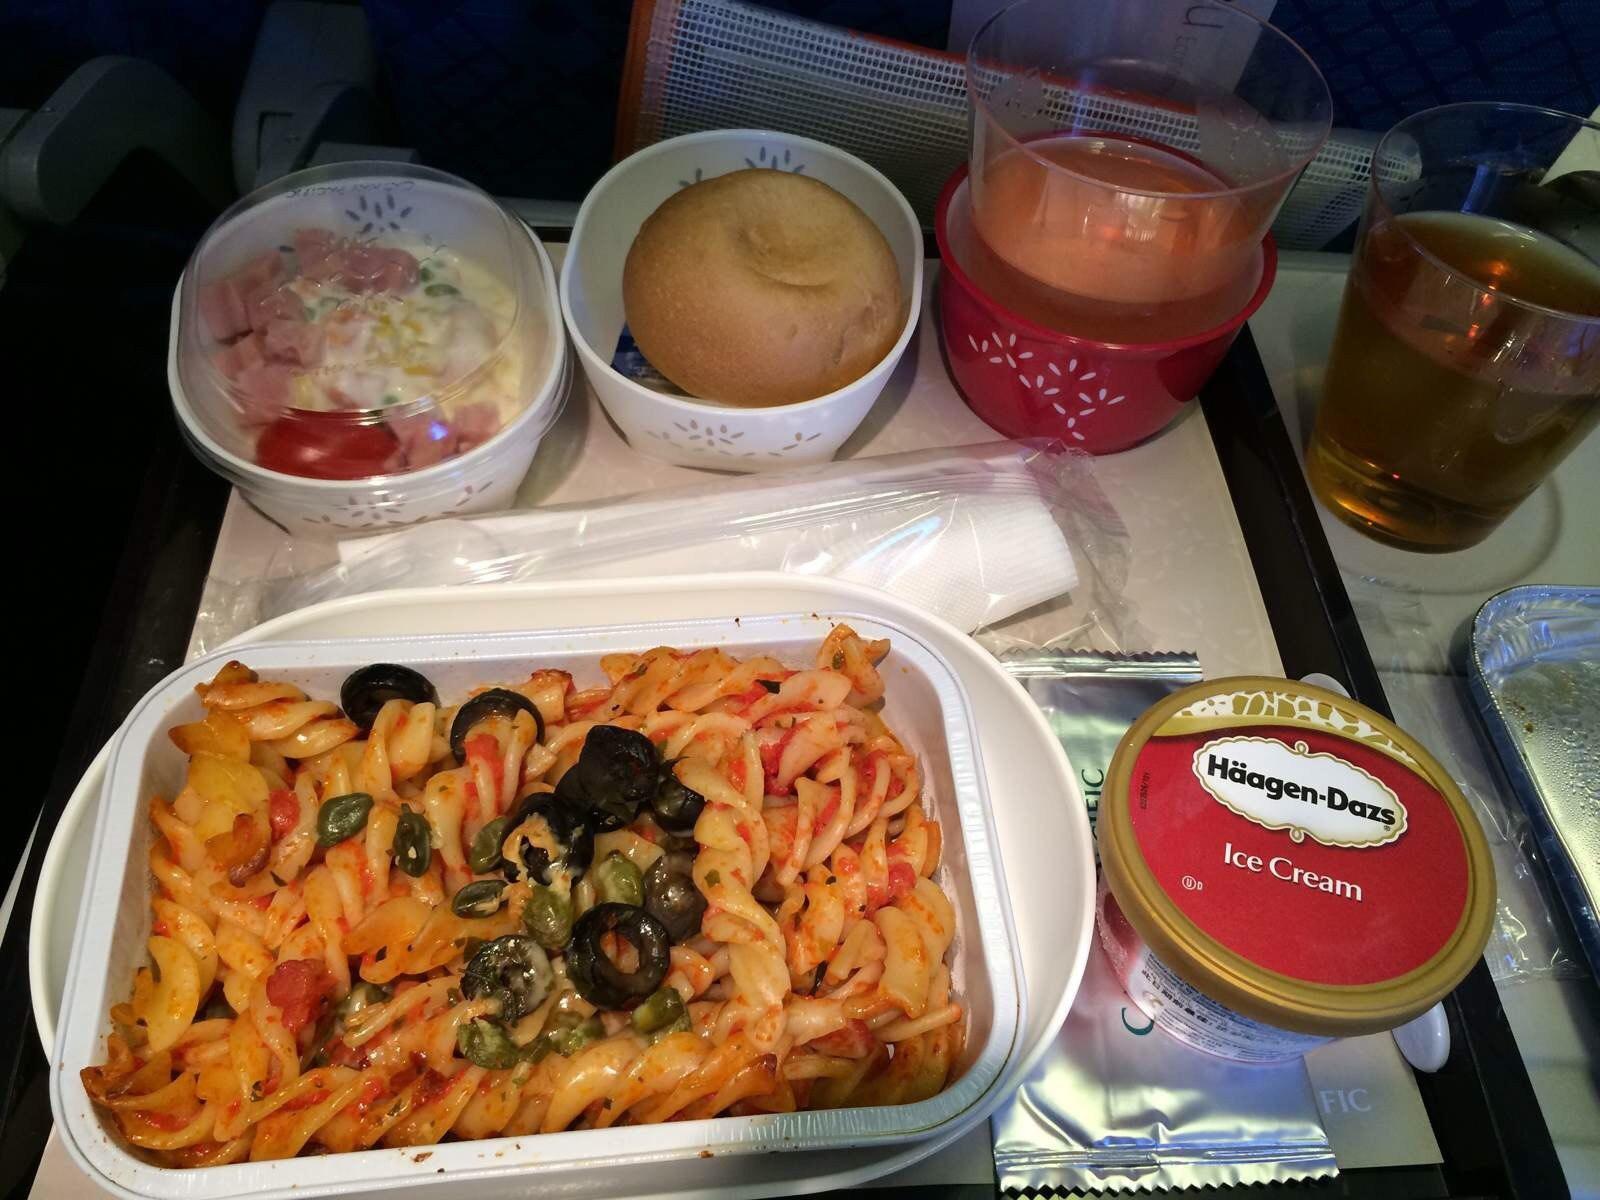 超级超级超级好吃的飞机餐!我爱国泰航空!